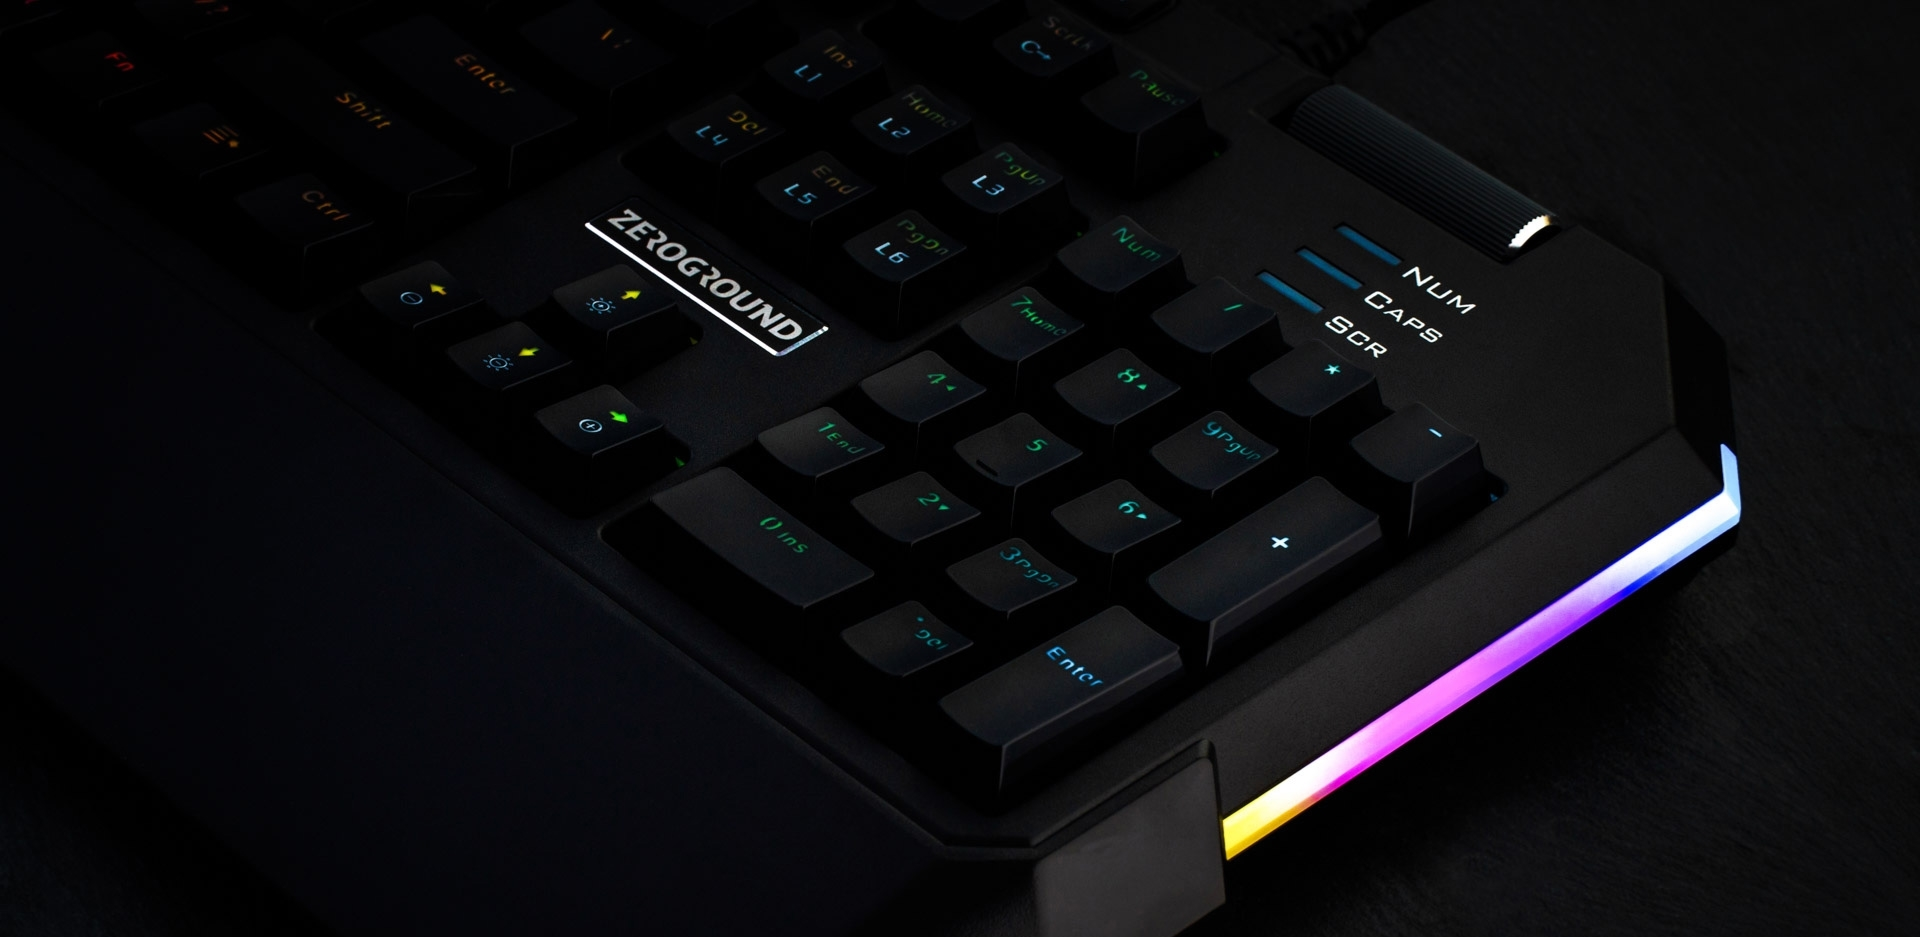 ZeroGround Taigen 3.0 - Gaming keyboard